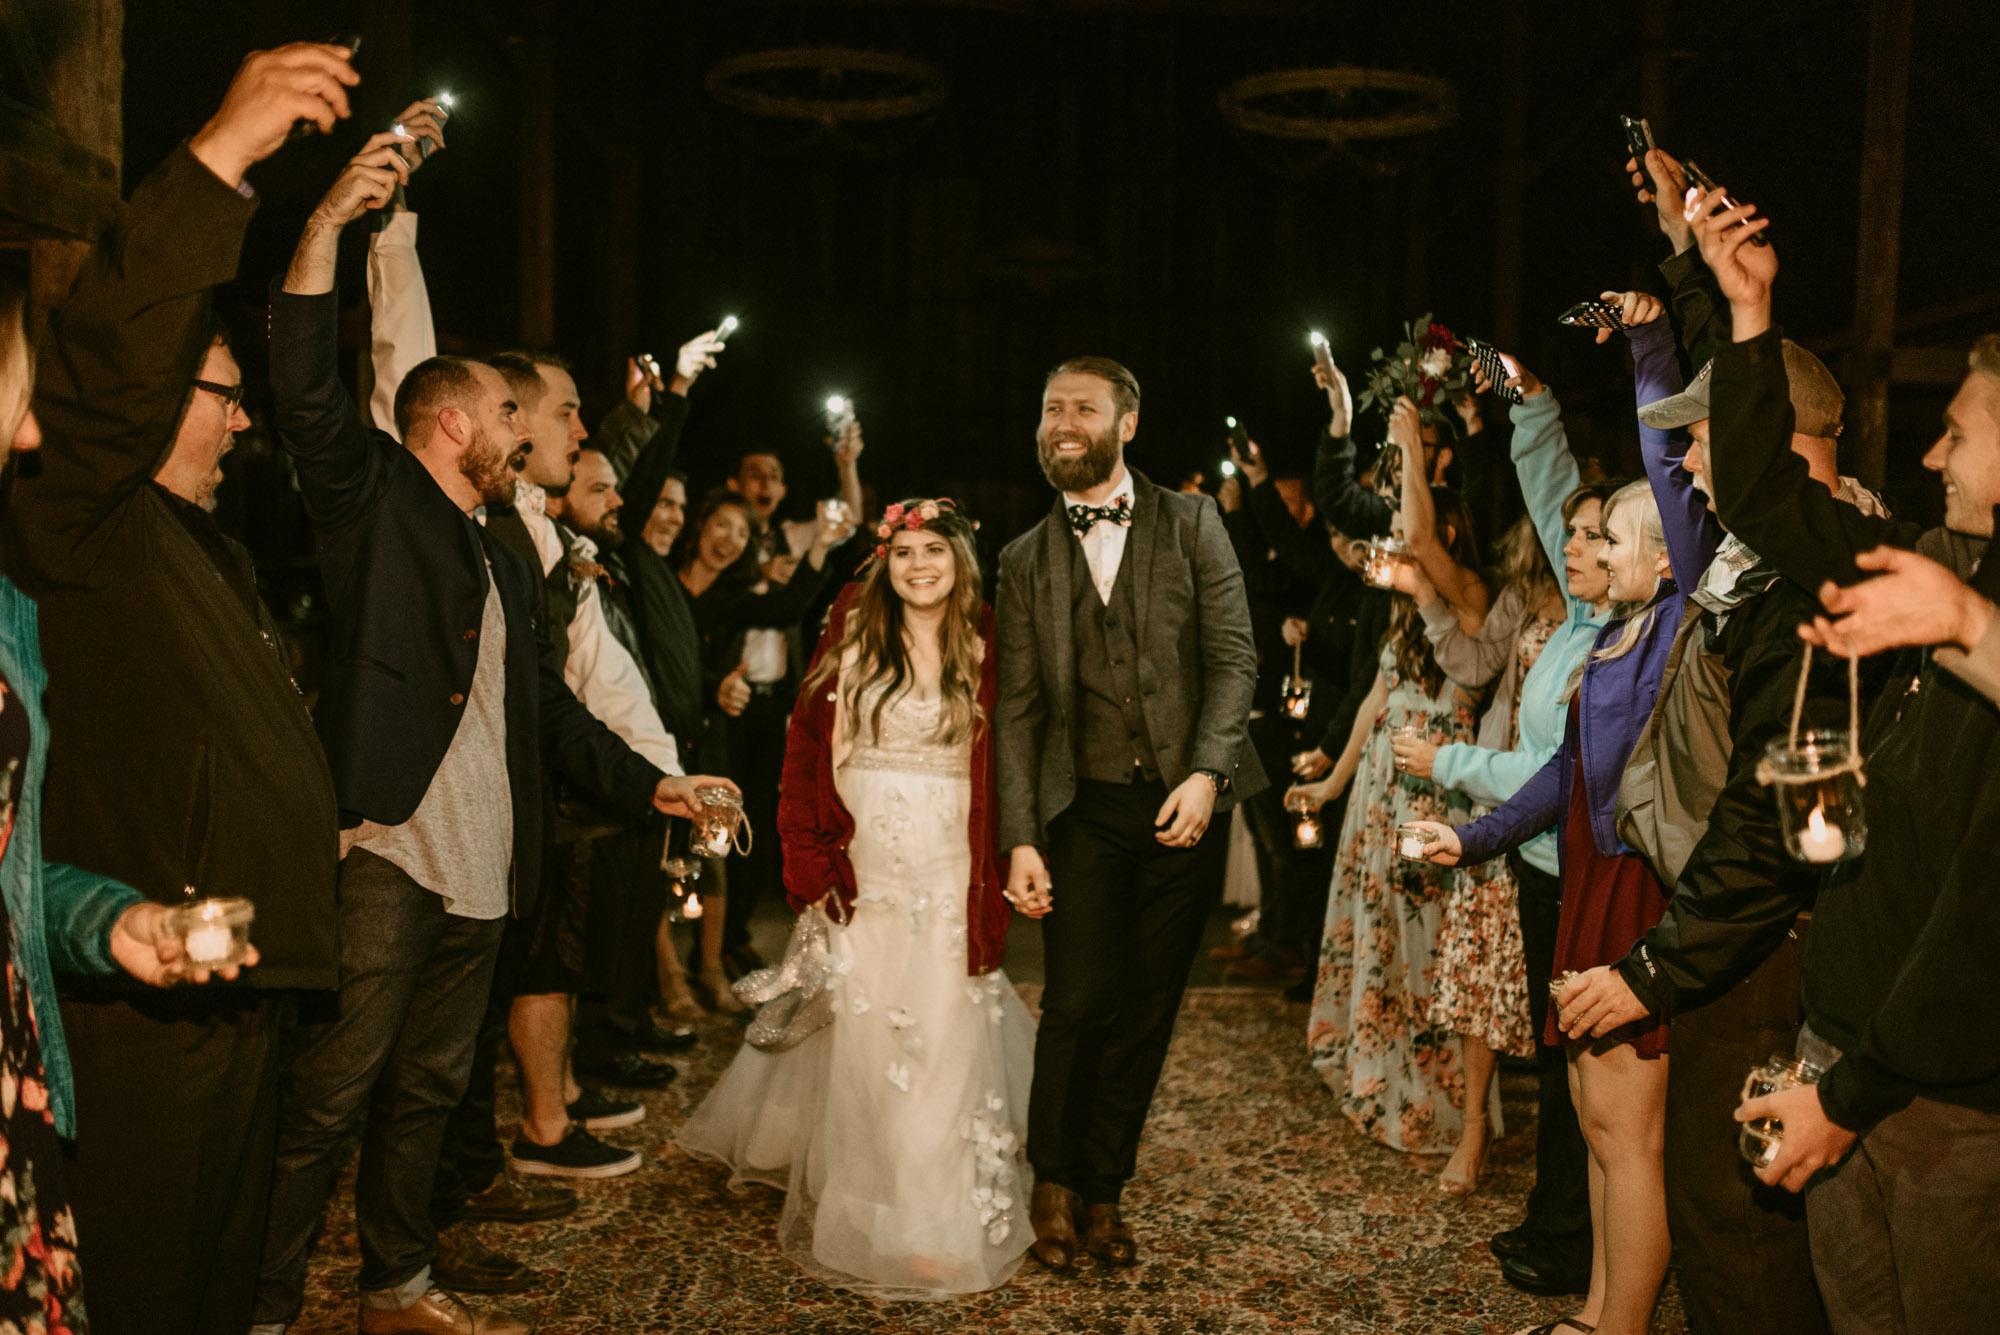 Indoor-Barn-Ceremony-Dancing-Washington-0164.jpg